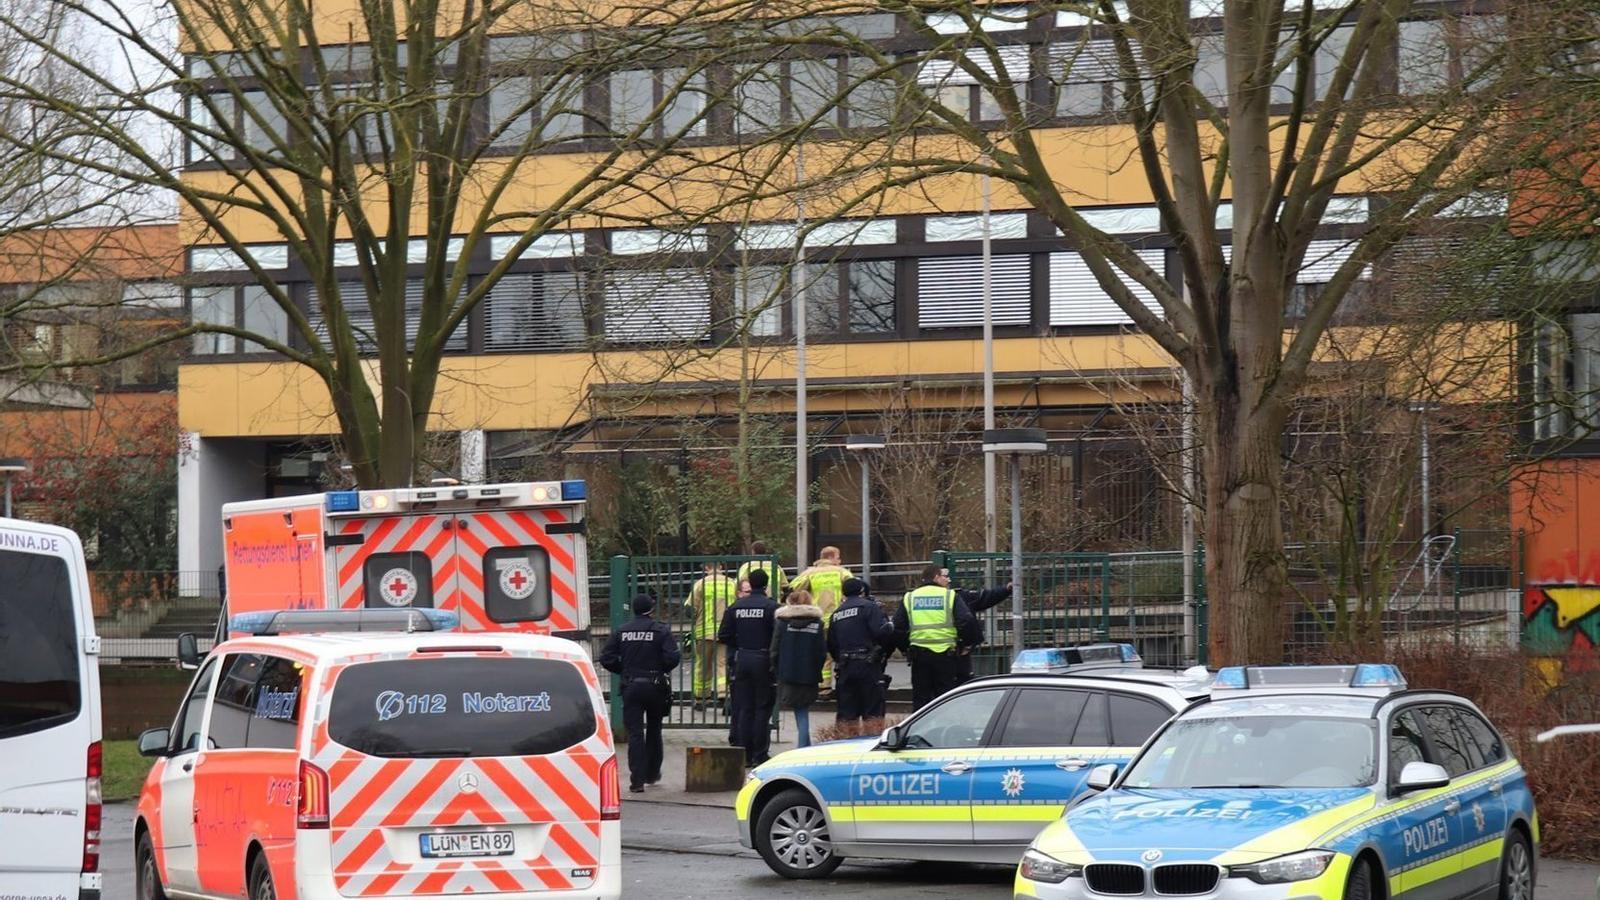 Ambulàncies i policies davant l'institut de Lünen.